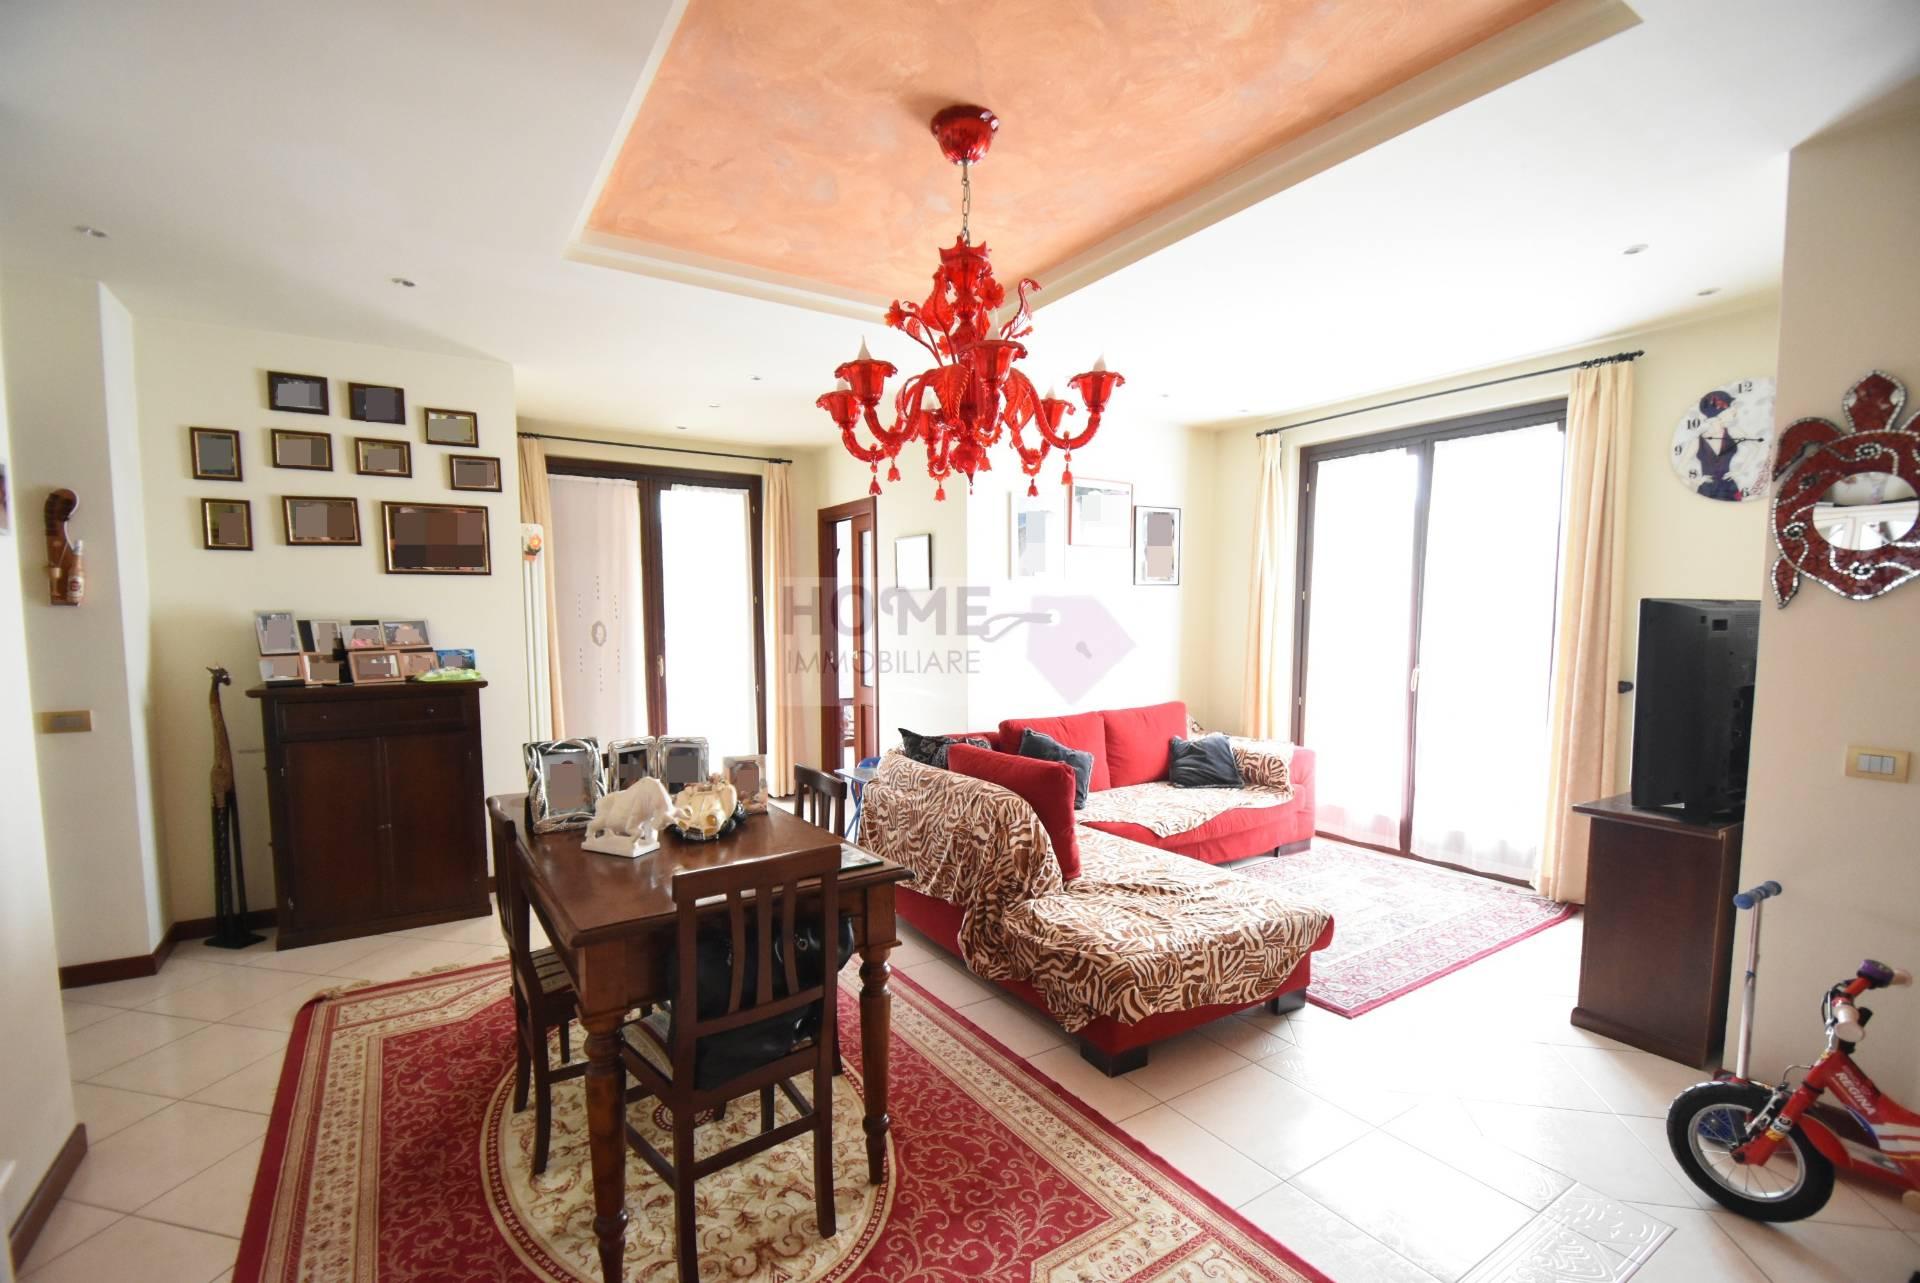 Appartamento in vendita a Caldarola, 7 locali, Trattative riservate | Cambio Casa.it